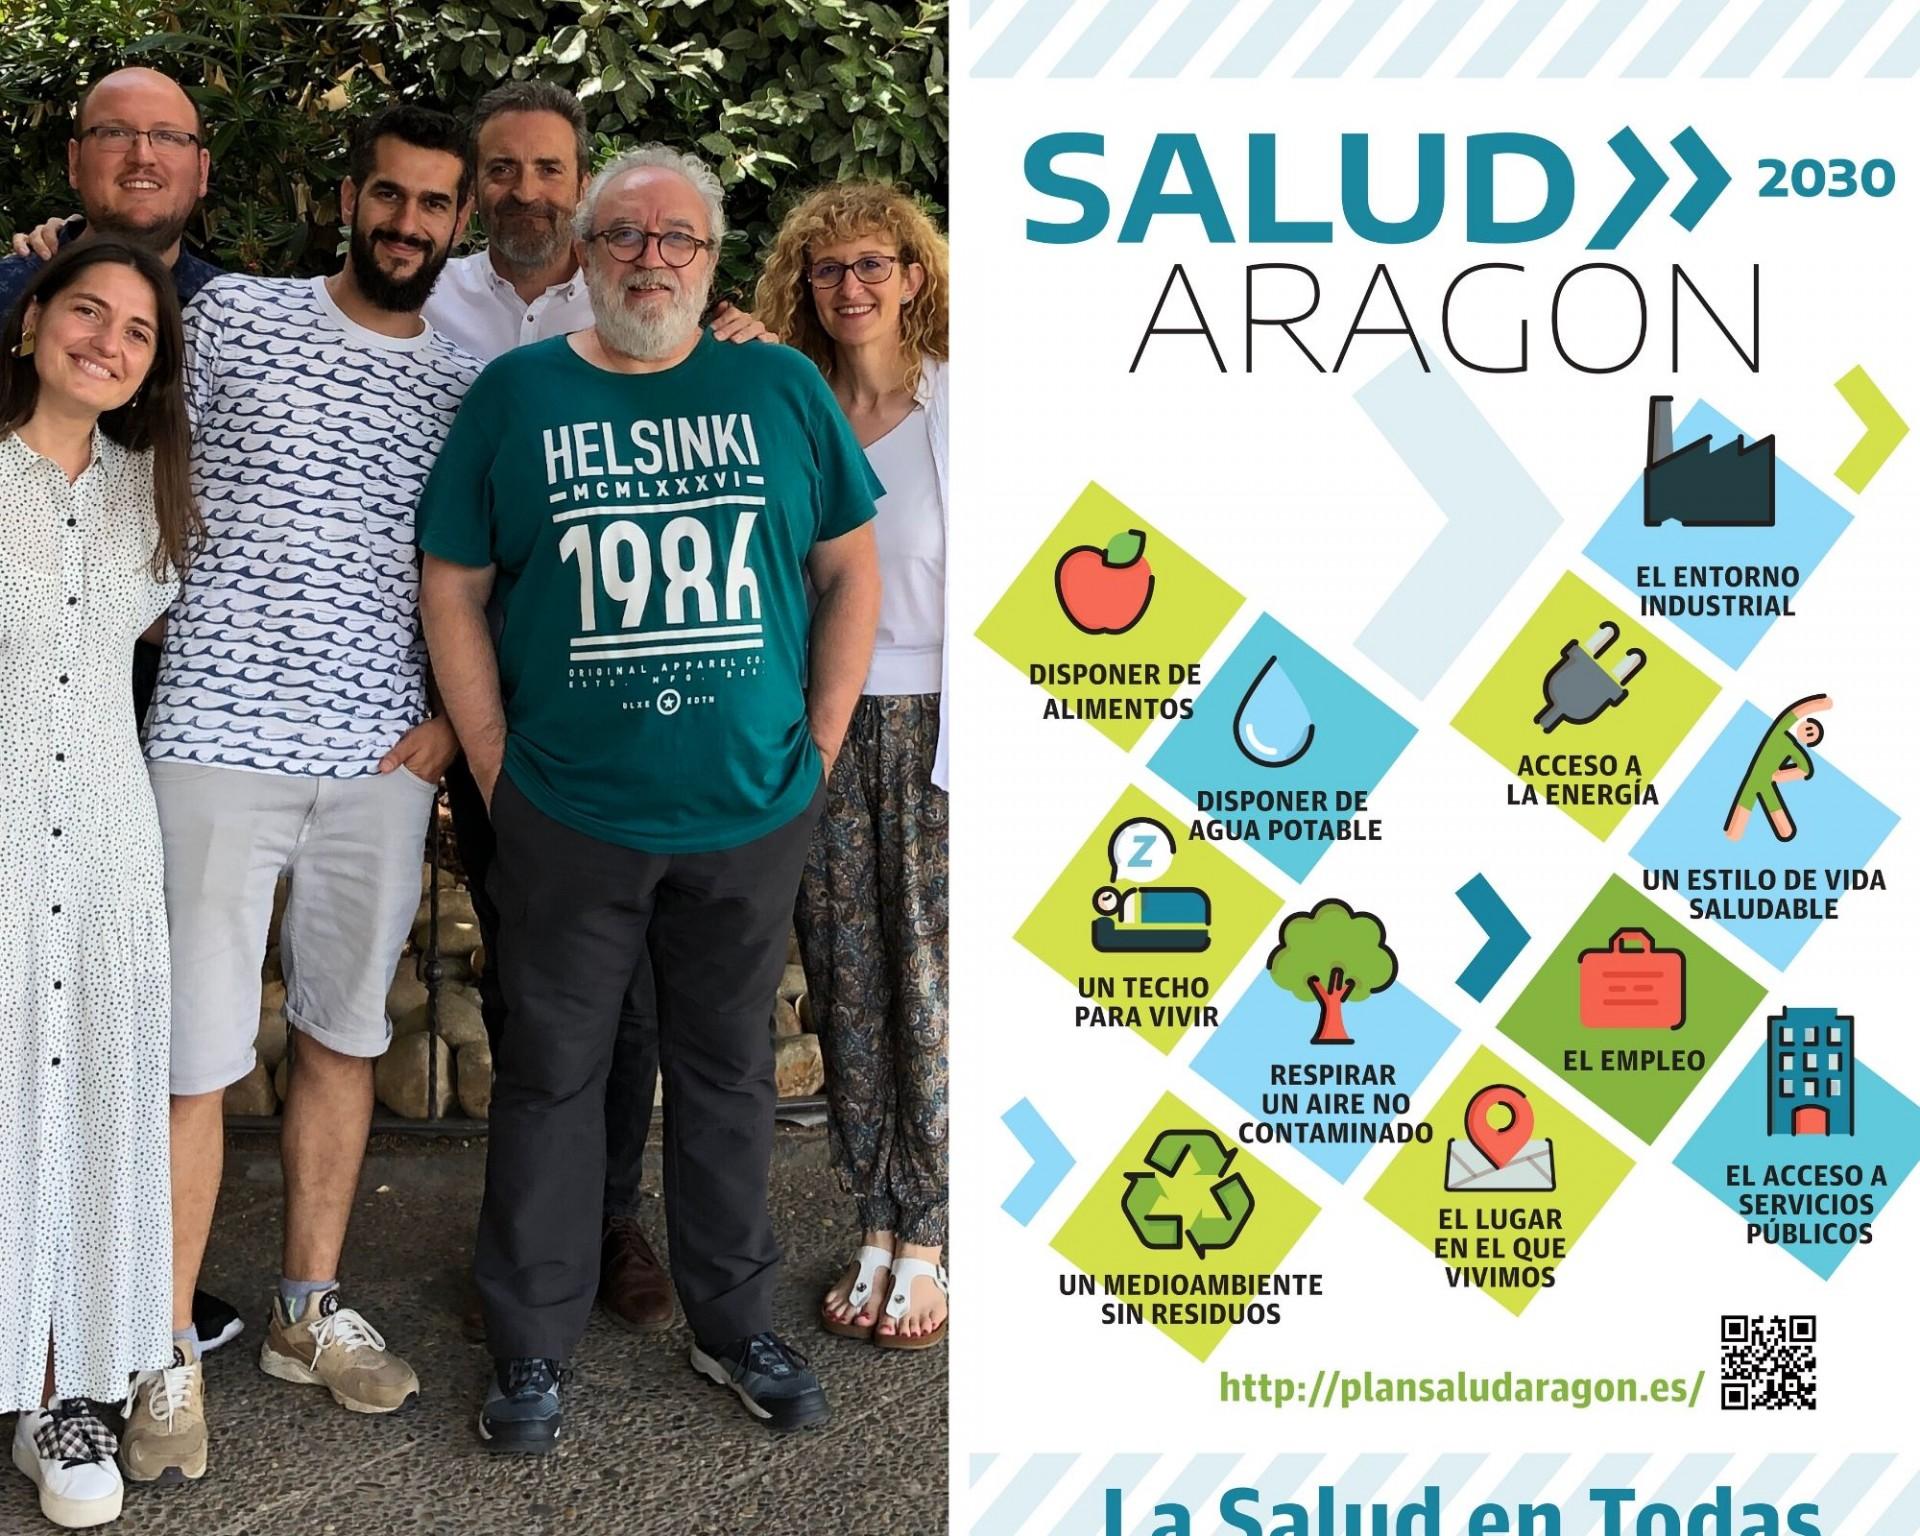 El Plan de Salud de Aragón 2030 contado a través de las historias y relatos de diferentes personas